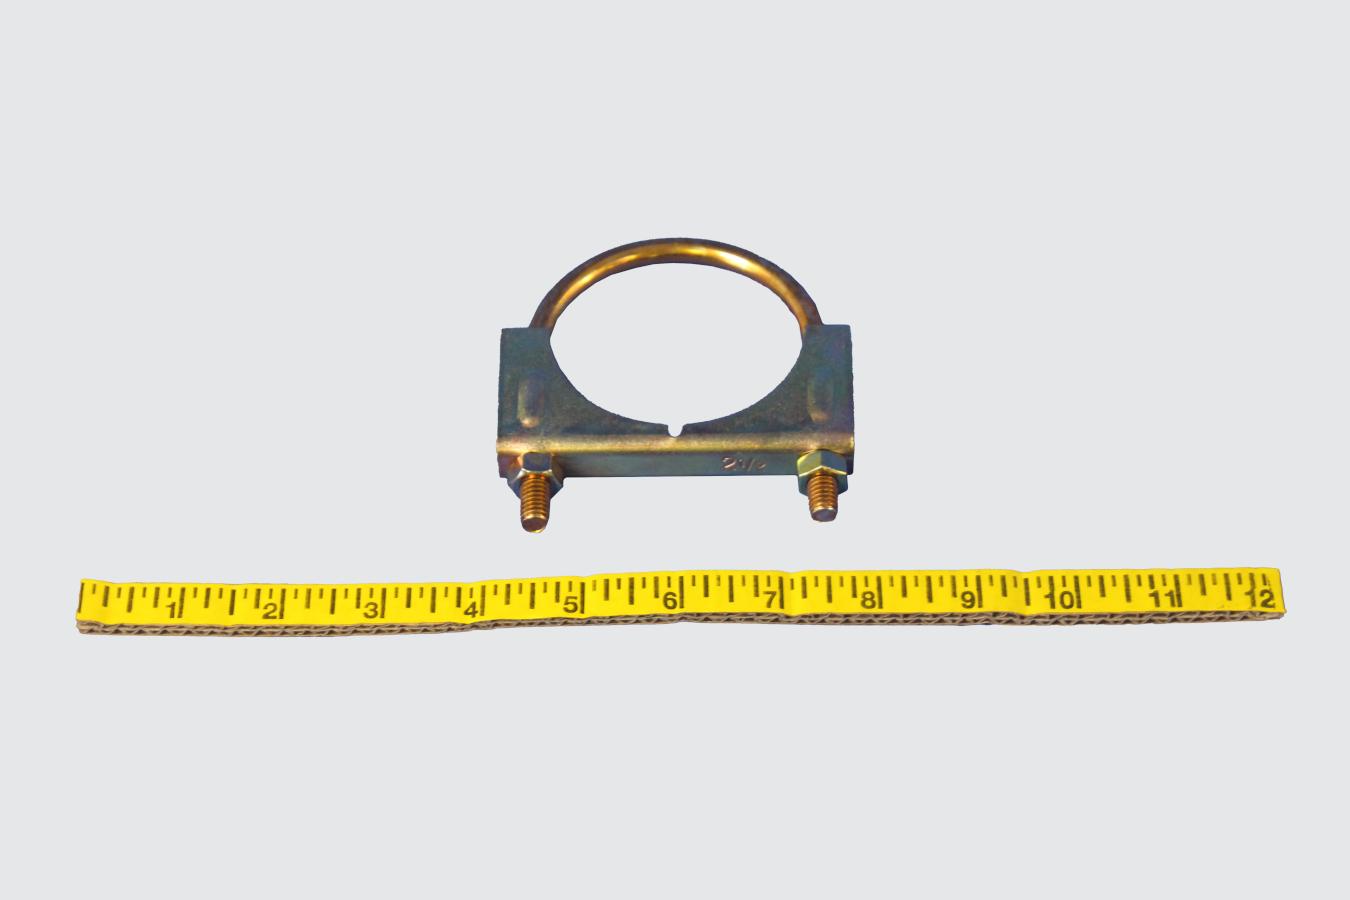 35209048-CLAMP, SADDLE 2-1/2